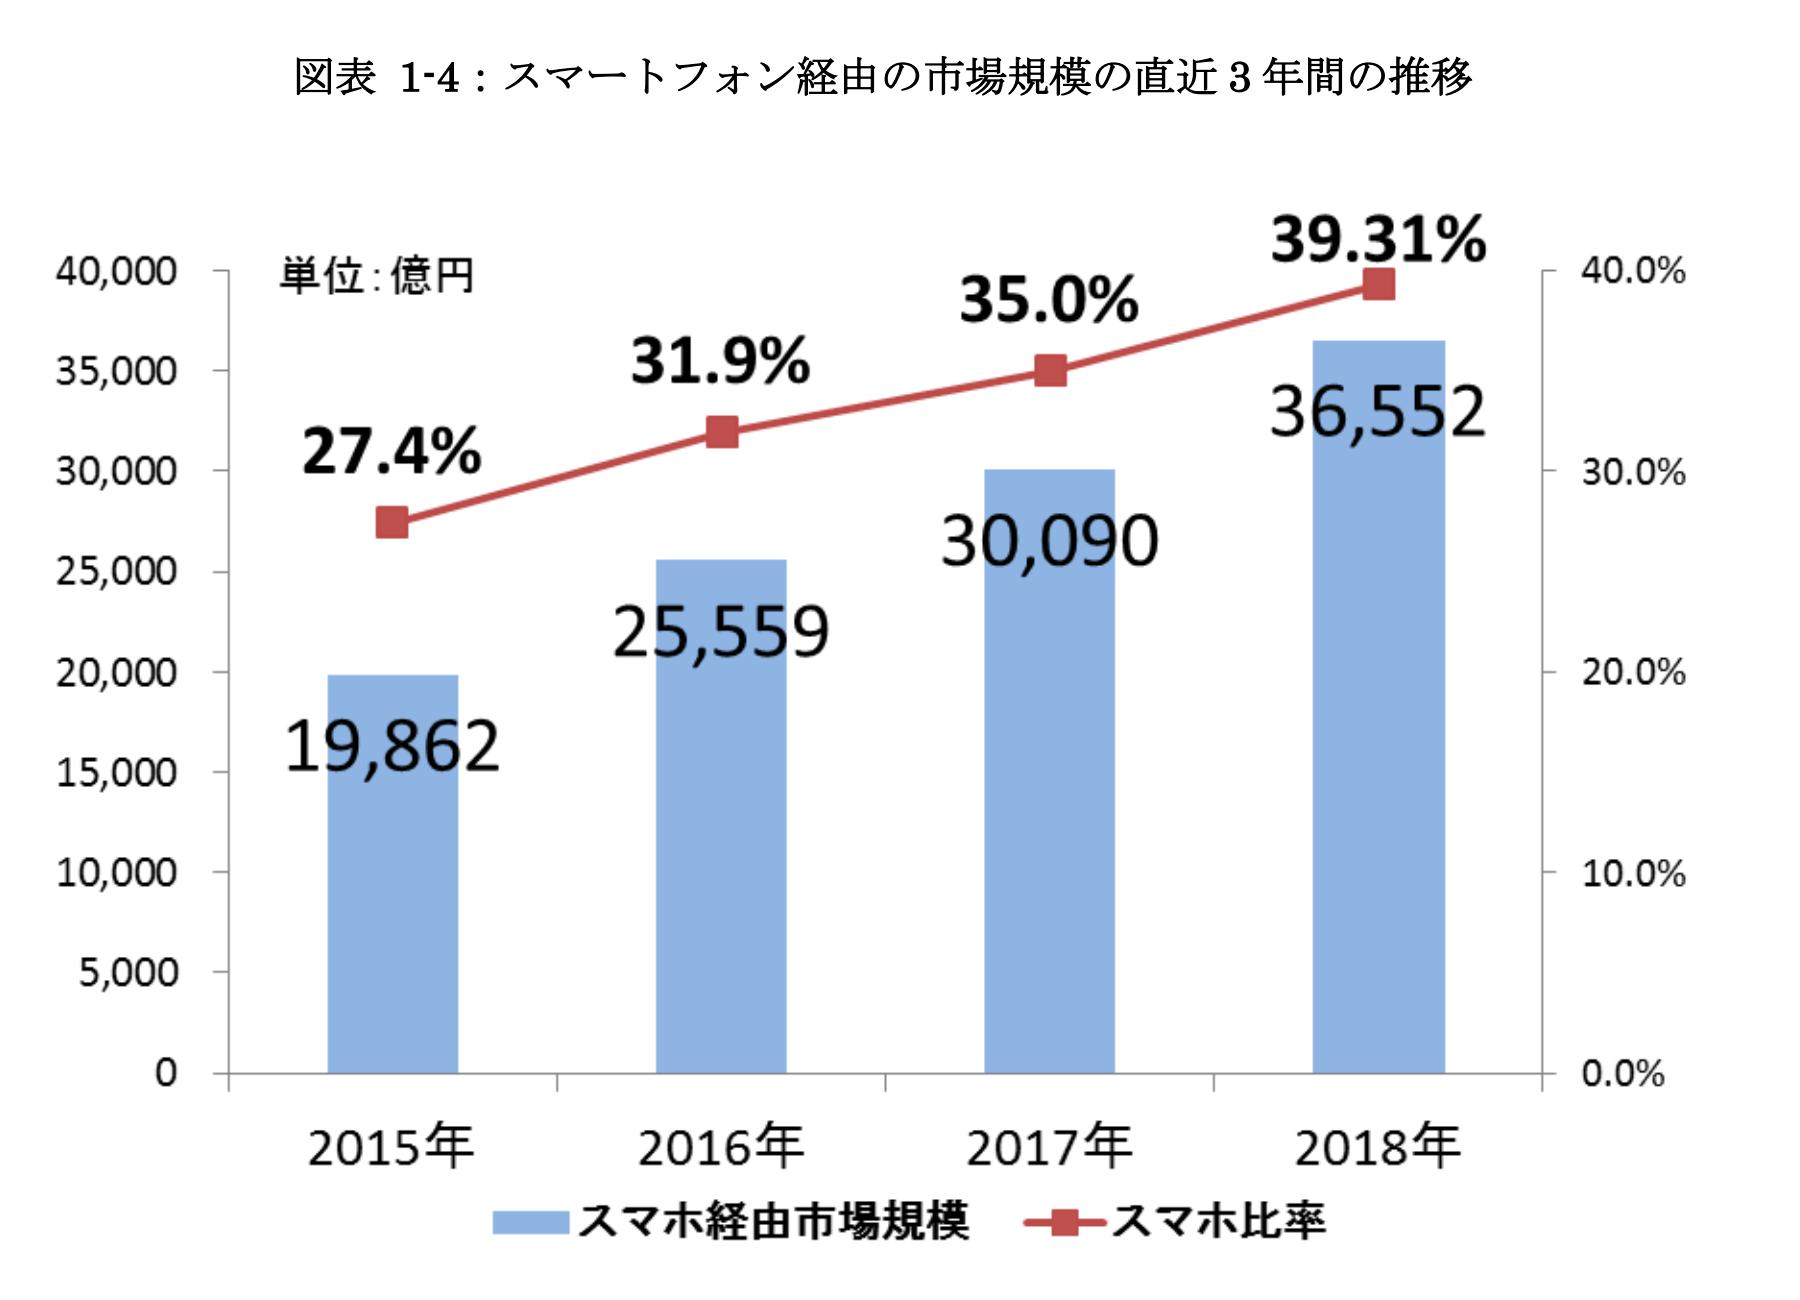 スマートフォン経由の市場規模の直近 3 年間の推移